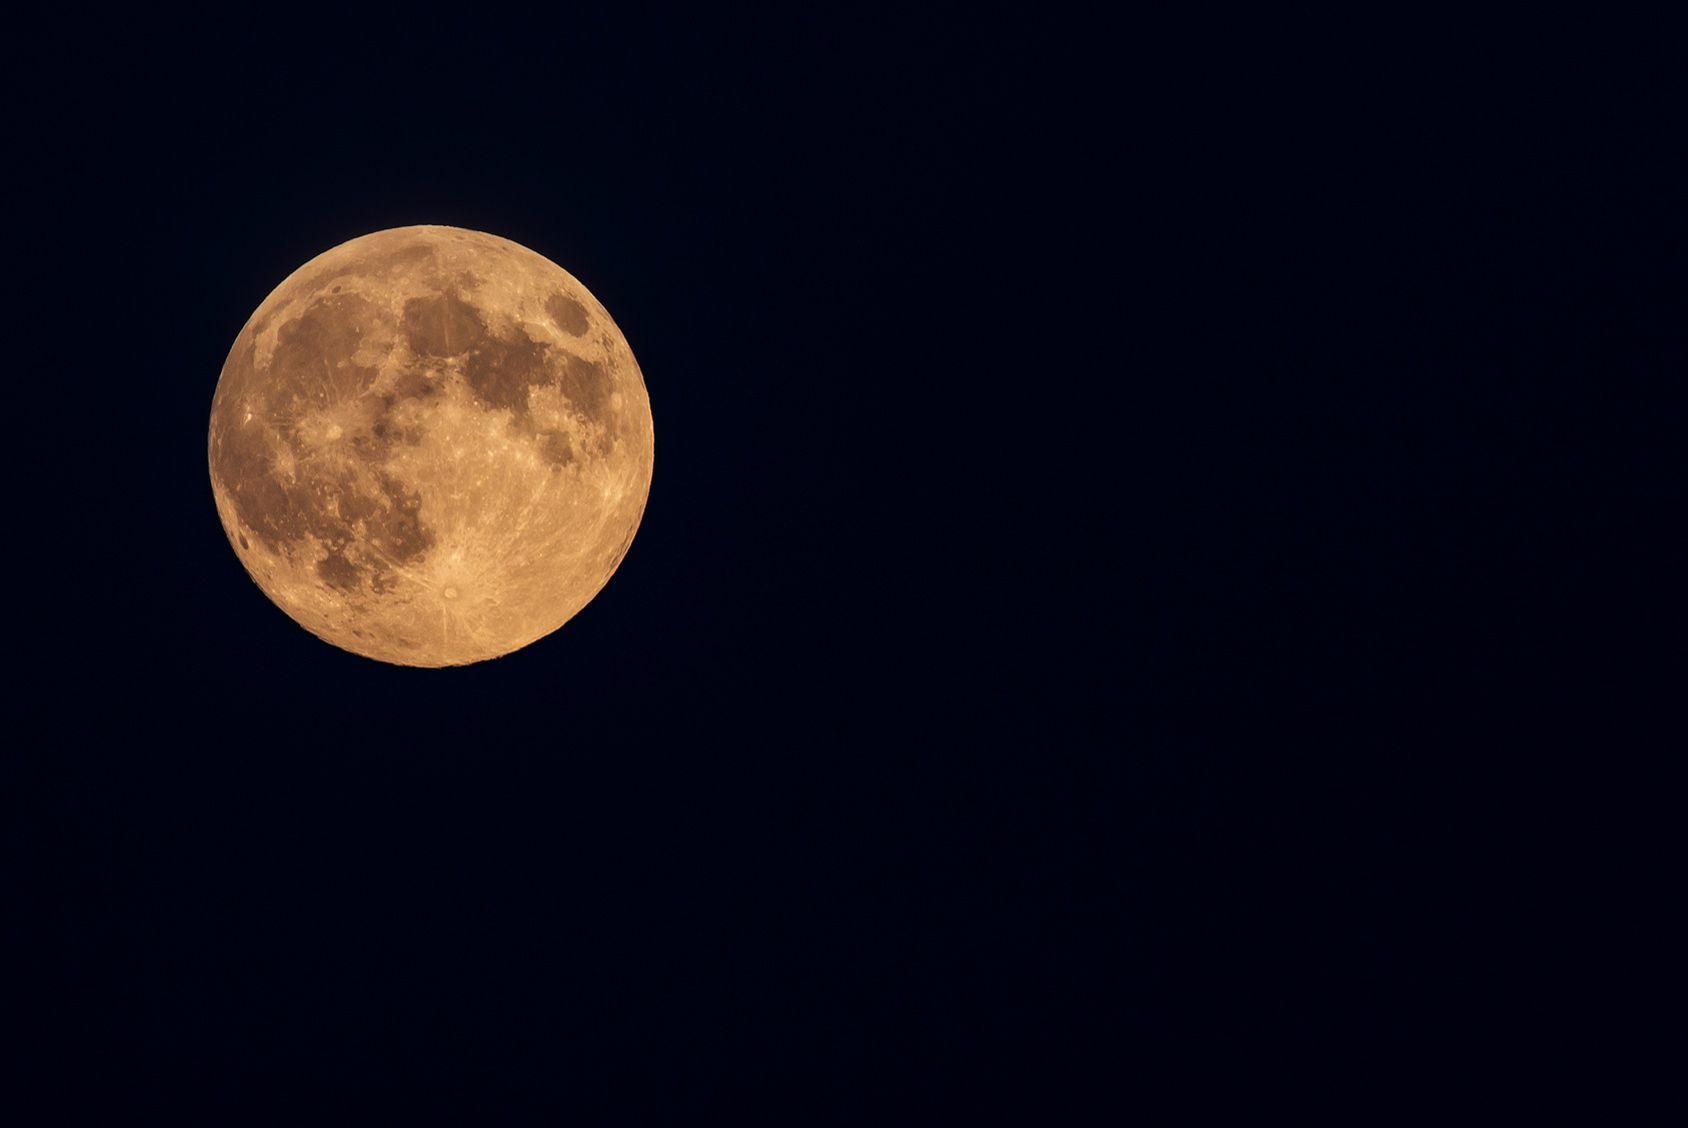 Peut on utiliser des engrais lorsqu 39 on cultive avec la lune for 2015 jardin lune